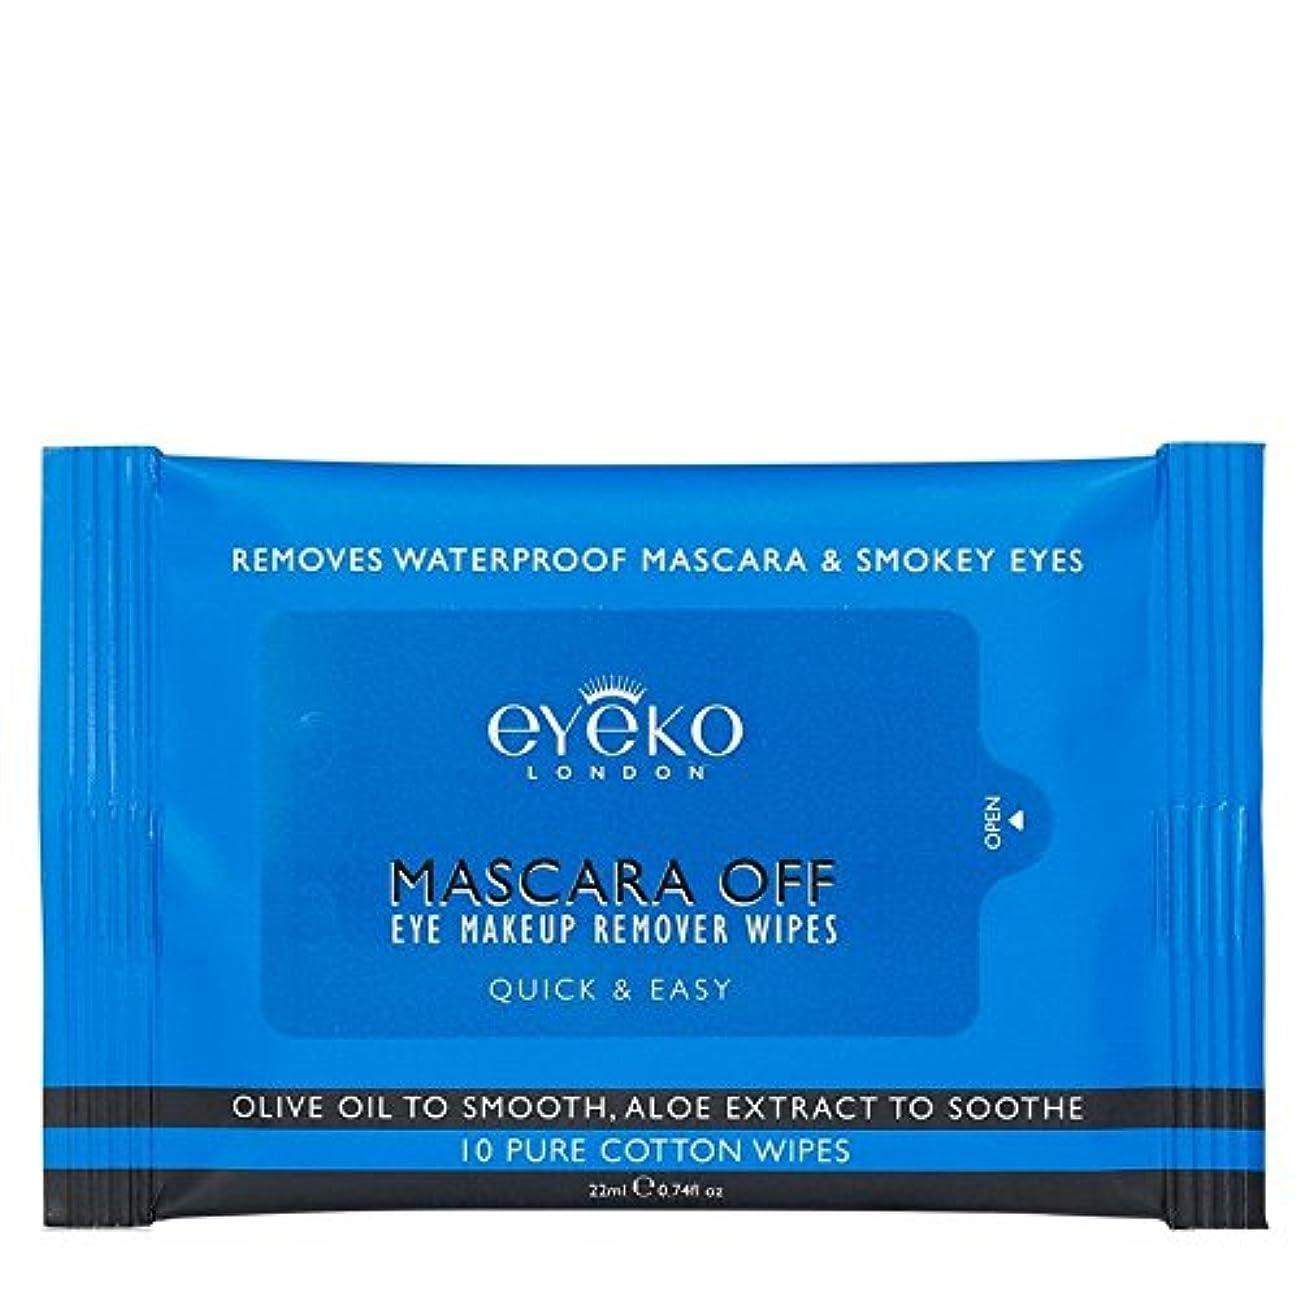 溶ける貞等価マスカラオフパックあたり10ワイプ x2 - Eyeko Mascara off Wipes 10 per pack (Pack of 2) [並行輸入品]